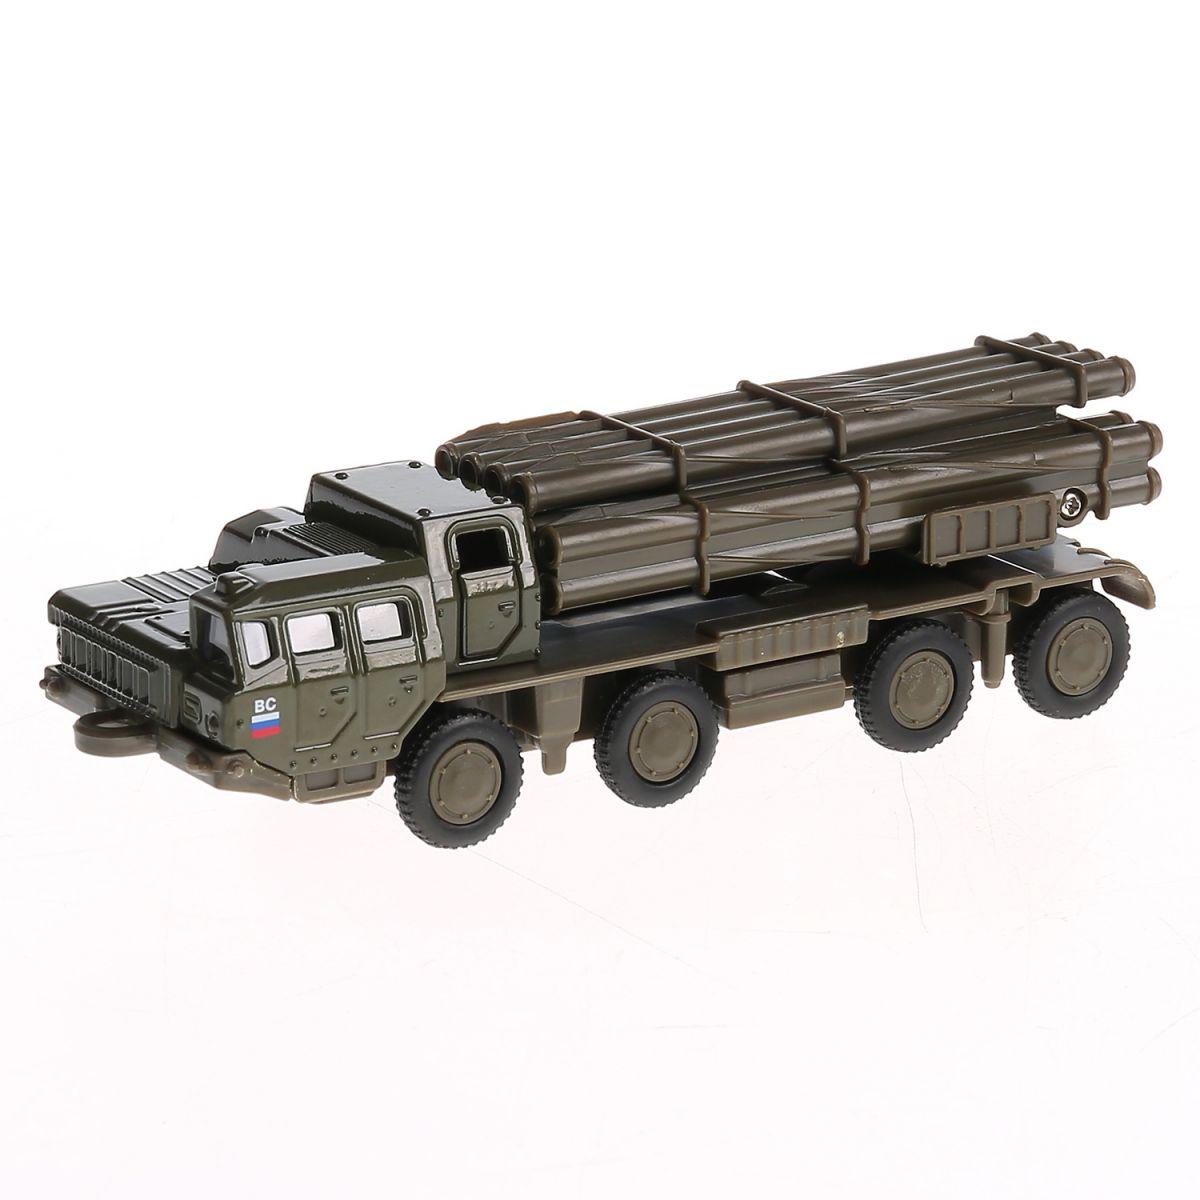 Купить Инерционная металлическая модель - РСЗО Смерч, 15 см, Технопарк